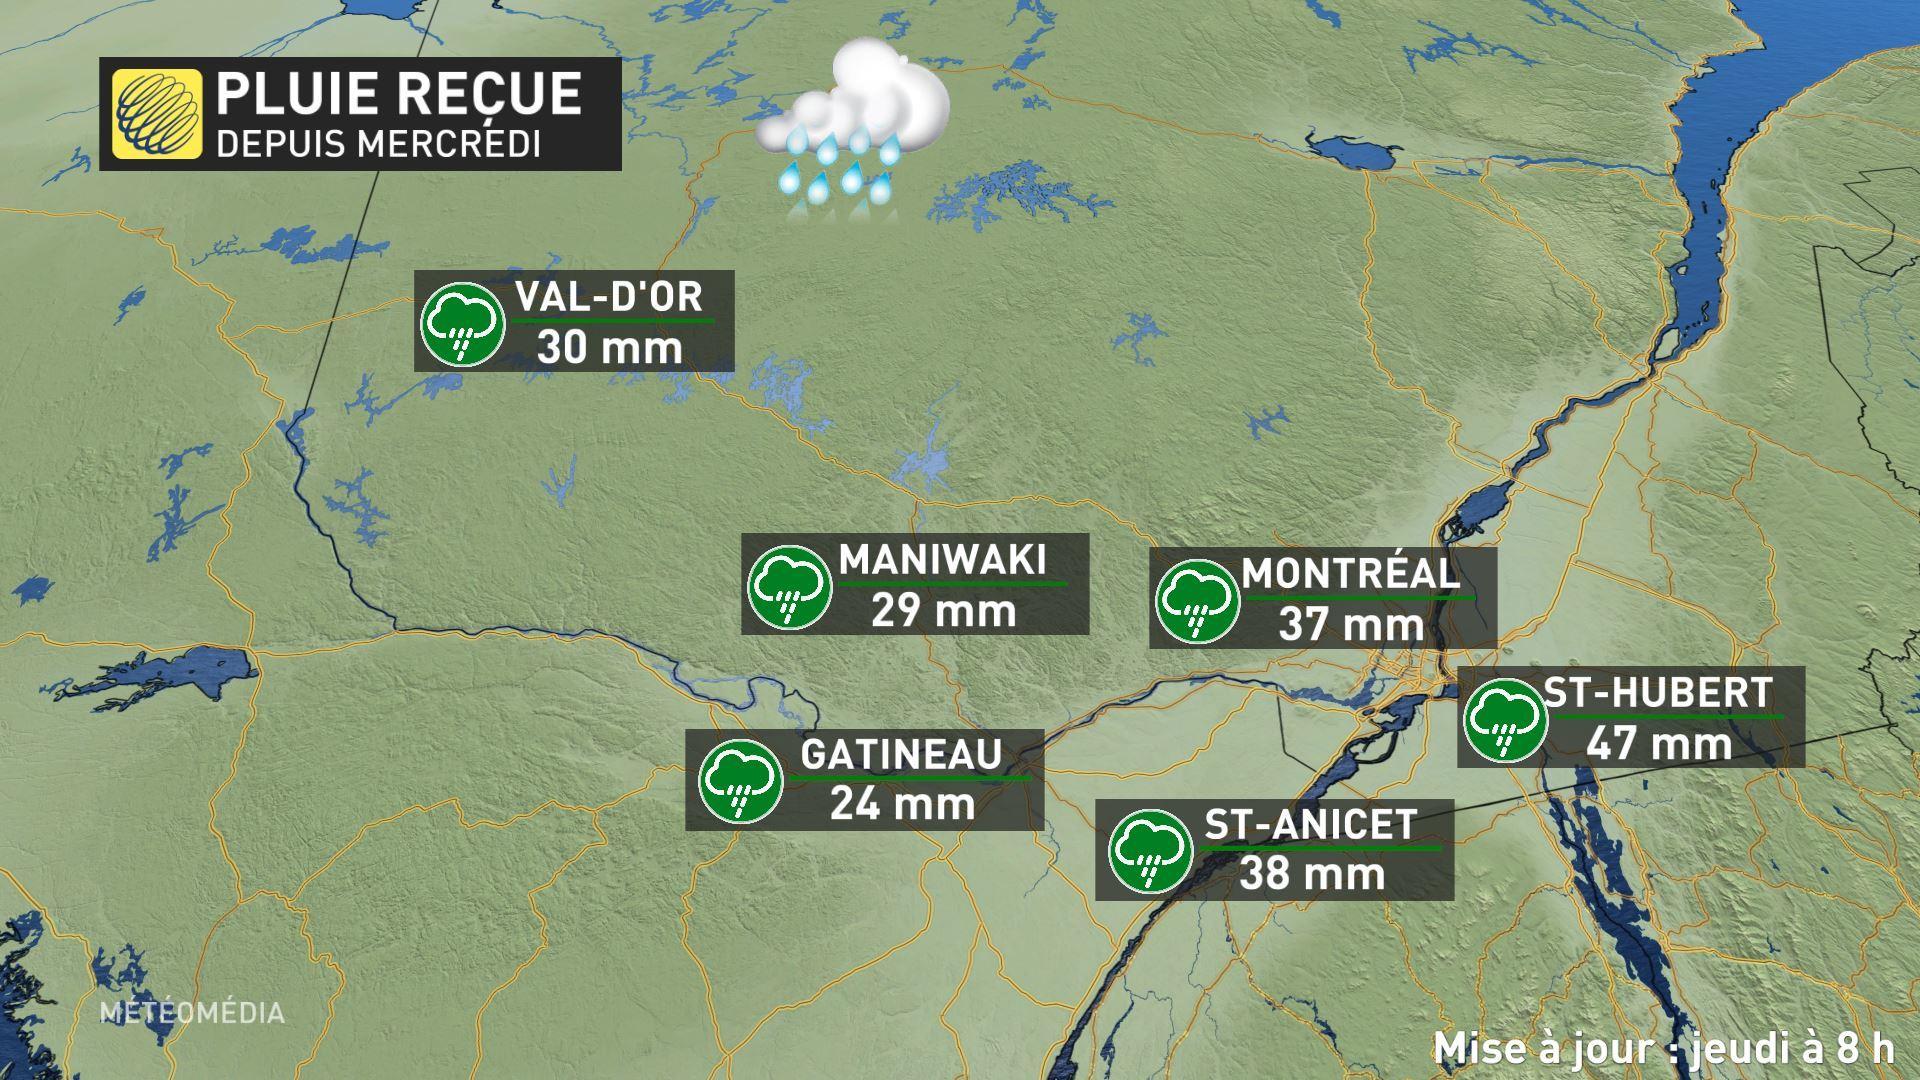 Plus de 100 000 personnes privées de courant au Québec